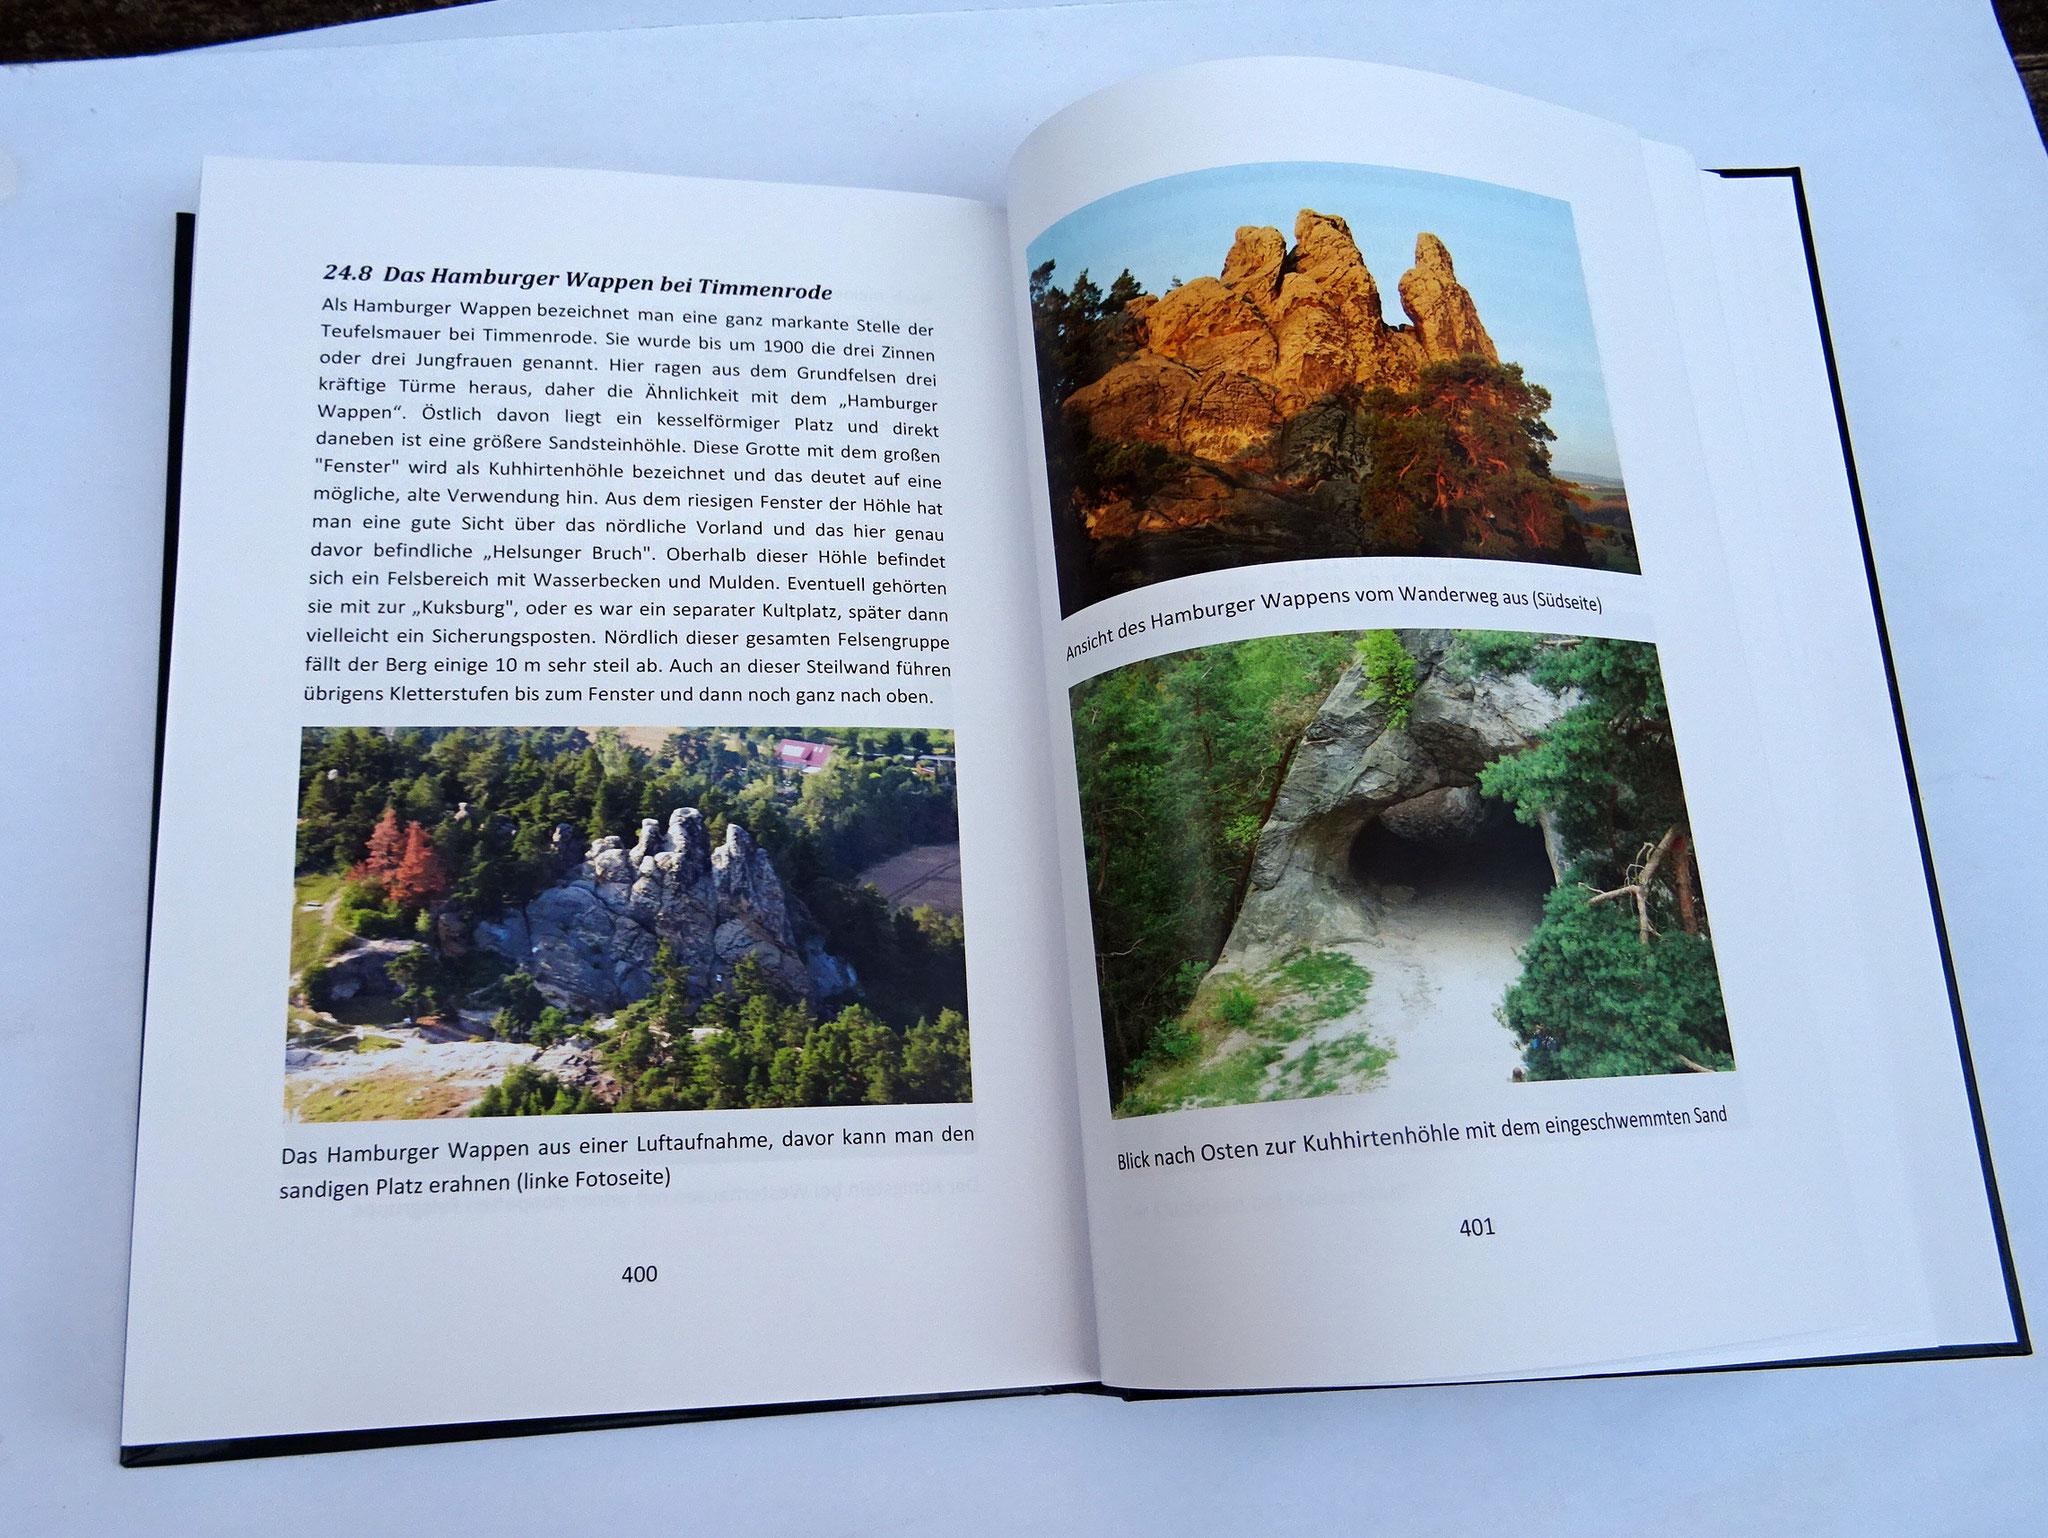 über 400 Fotos in Farbe sind mit eingefügt.